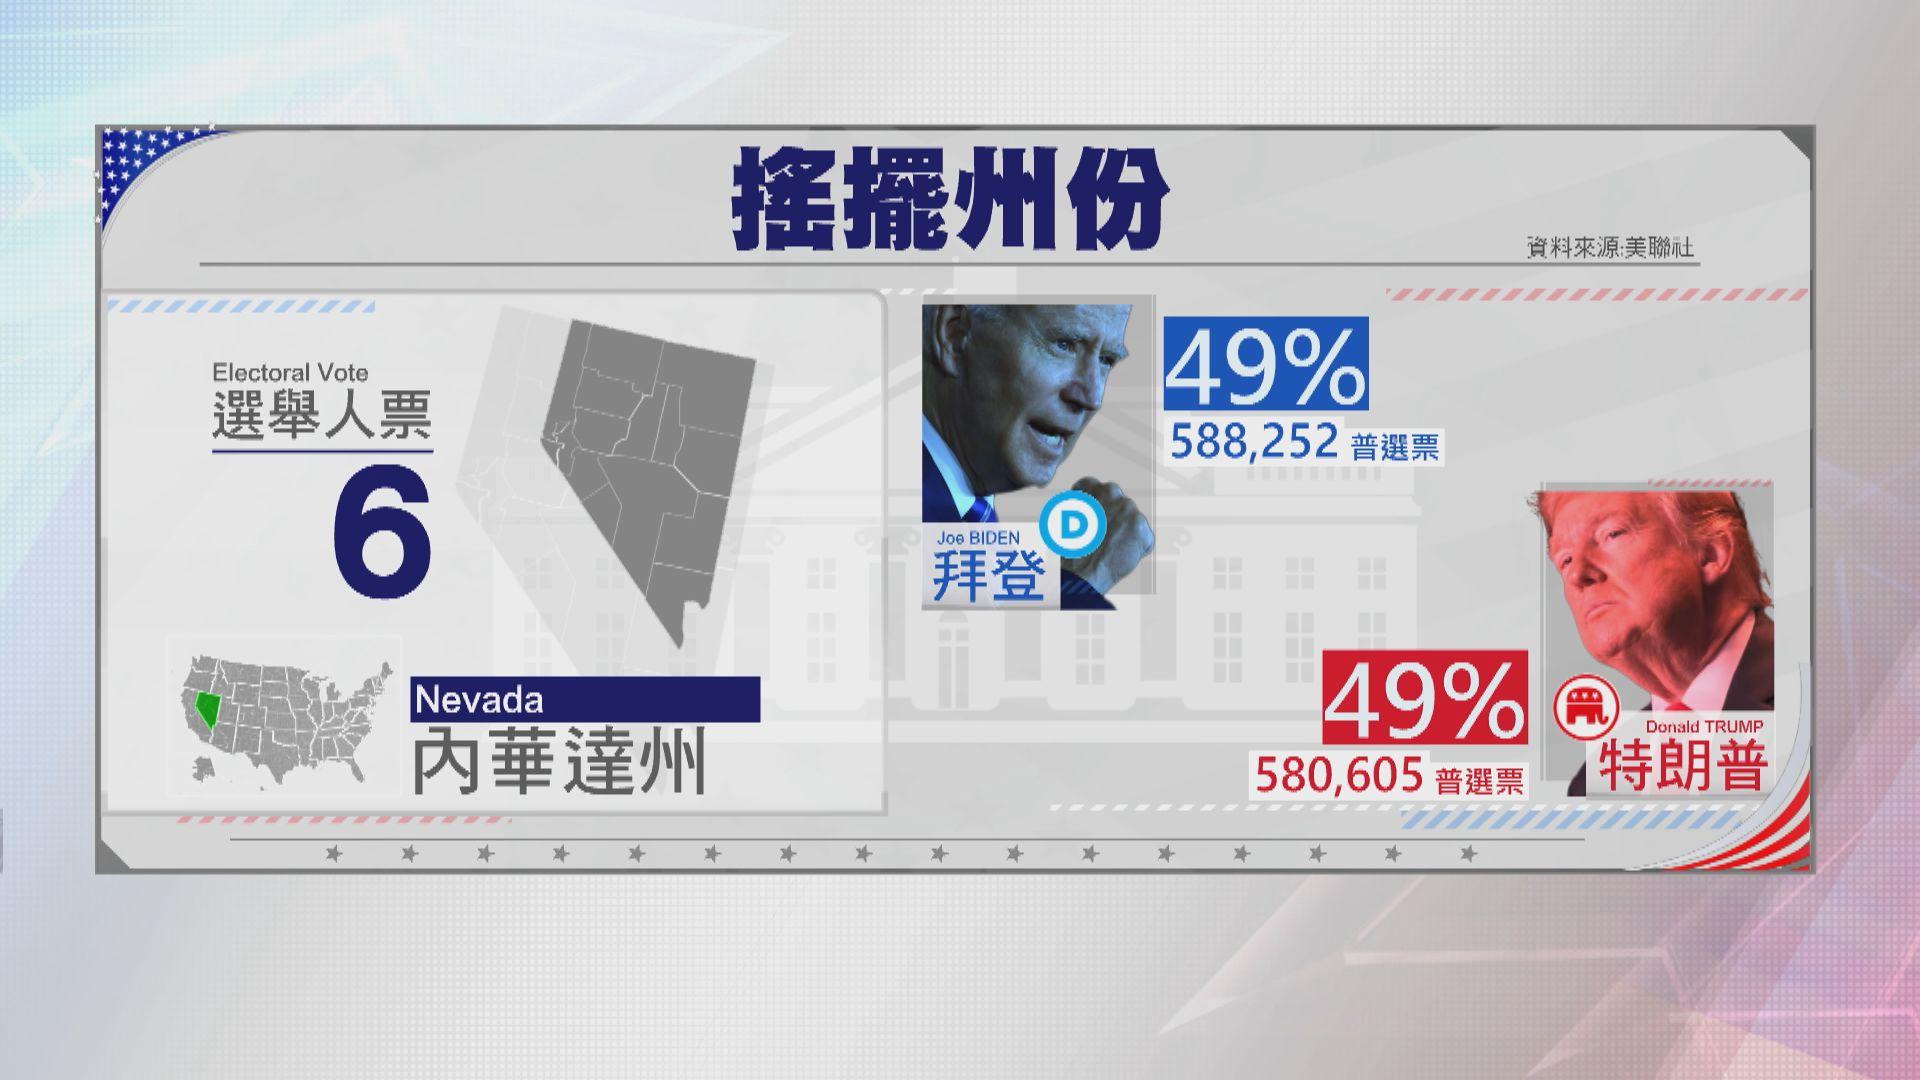 美國大選點票工作繼續 最少四個重要搖擺州份未有結果